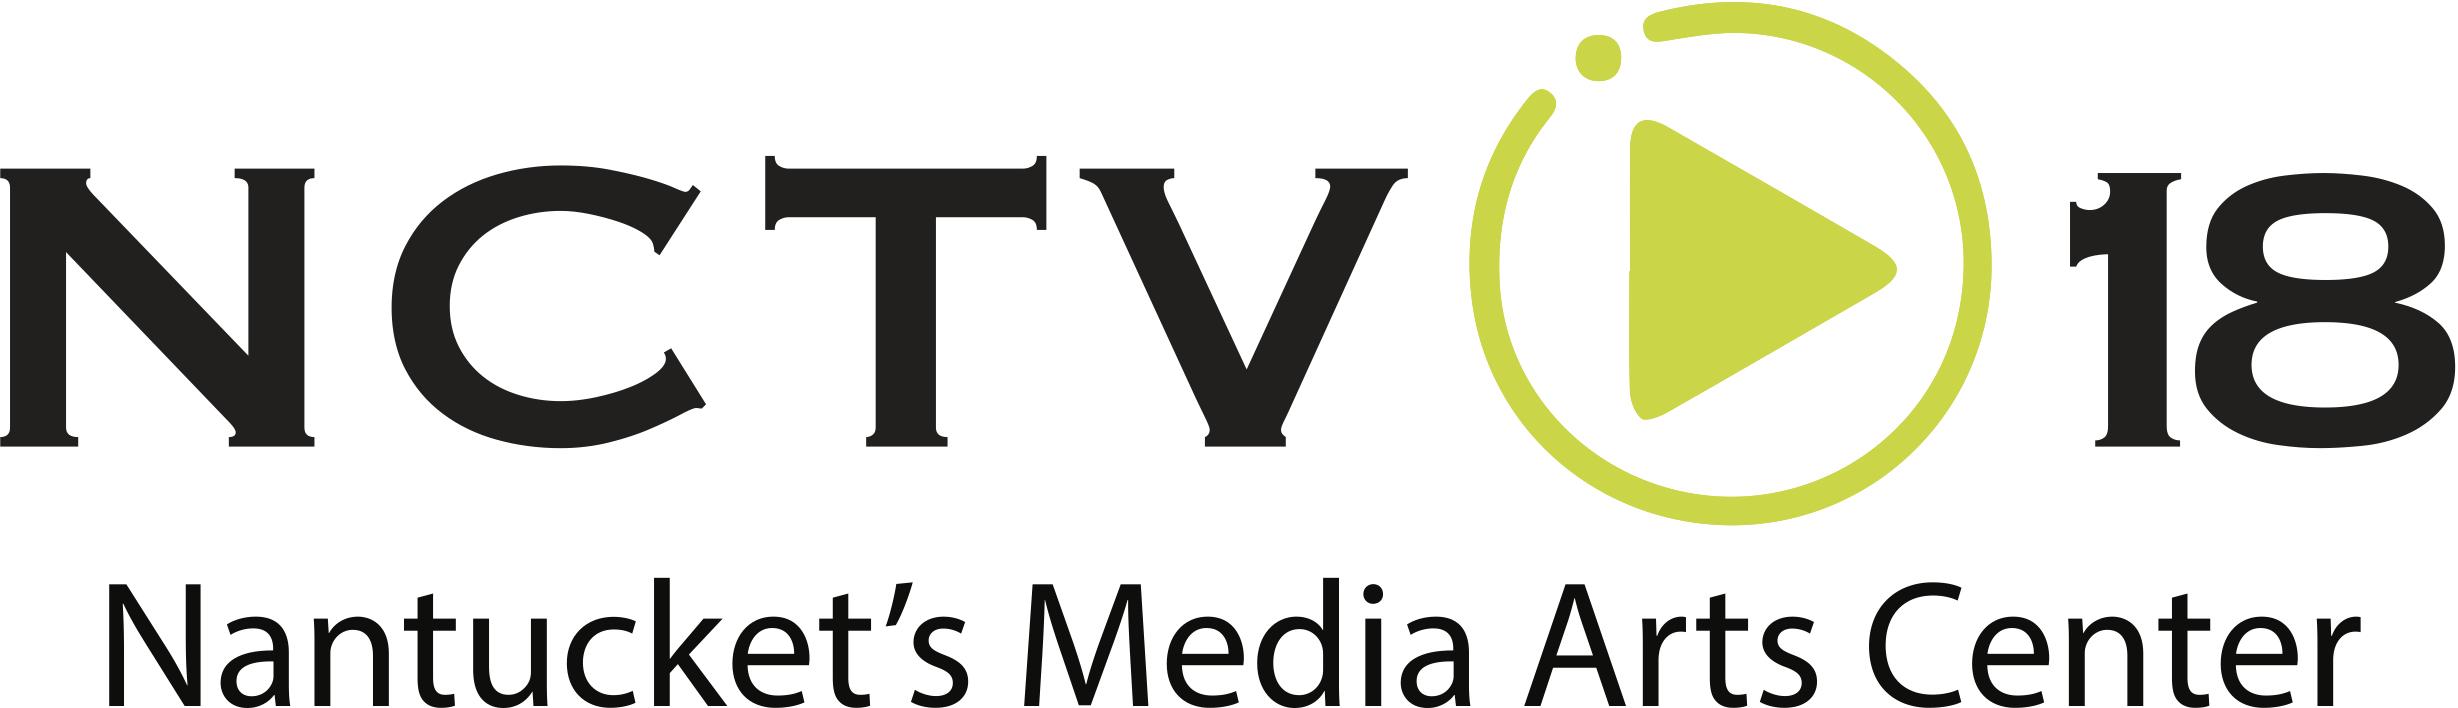 NCTV Logo.jpg